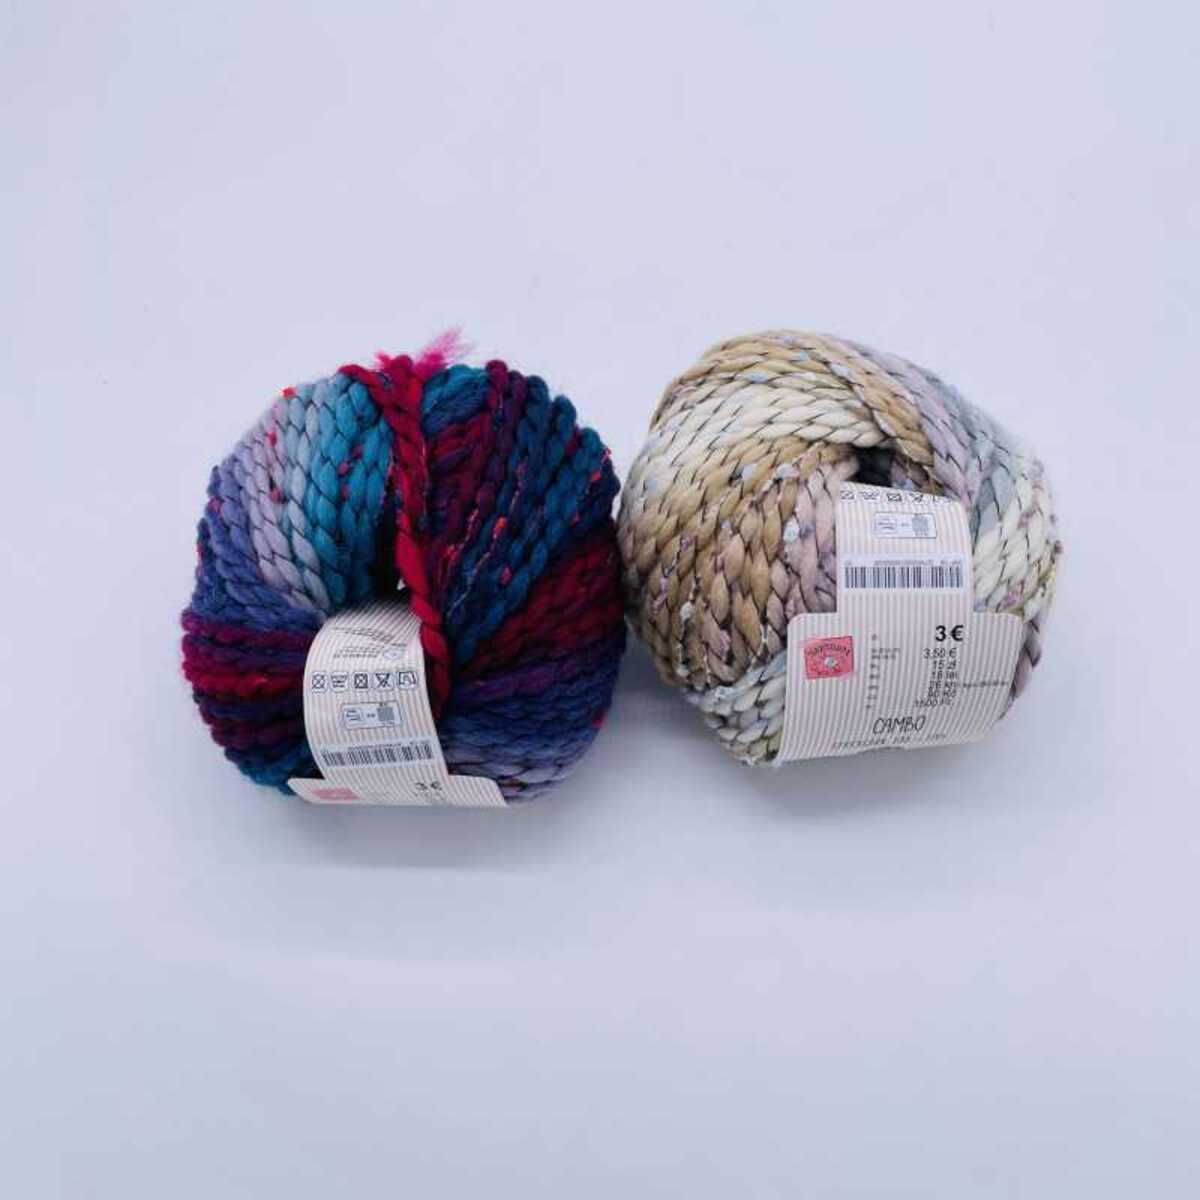 """Bild 1 von Wolle """"Canbo"""", ca. 100 m, verschiedene Farben"""